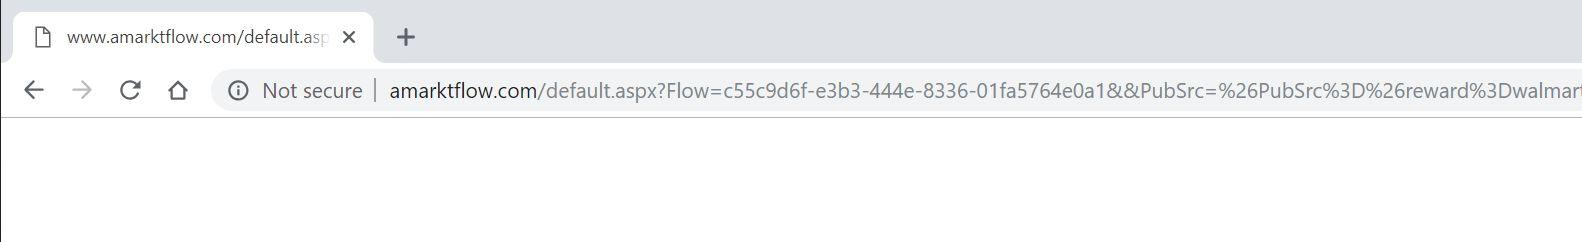 Virus de redirección de Amarktflow.com